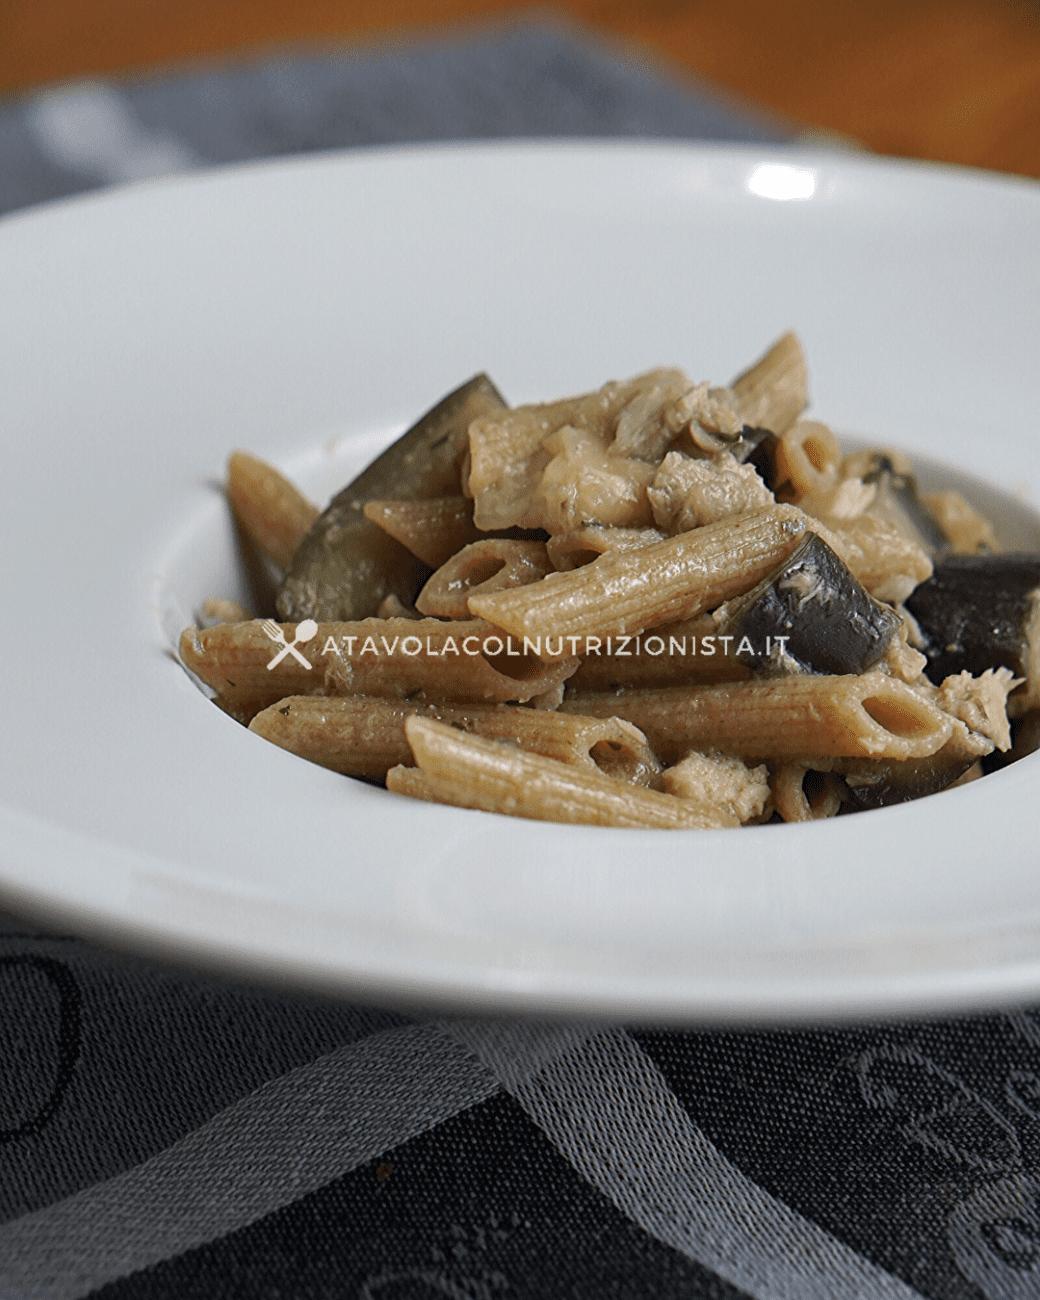 Pasta Integrale con Tonno e Melanzane: Il primo piatto semplice e leggero